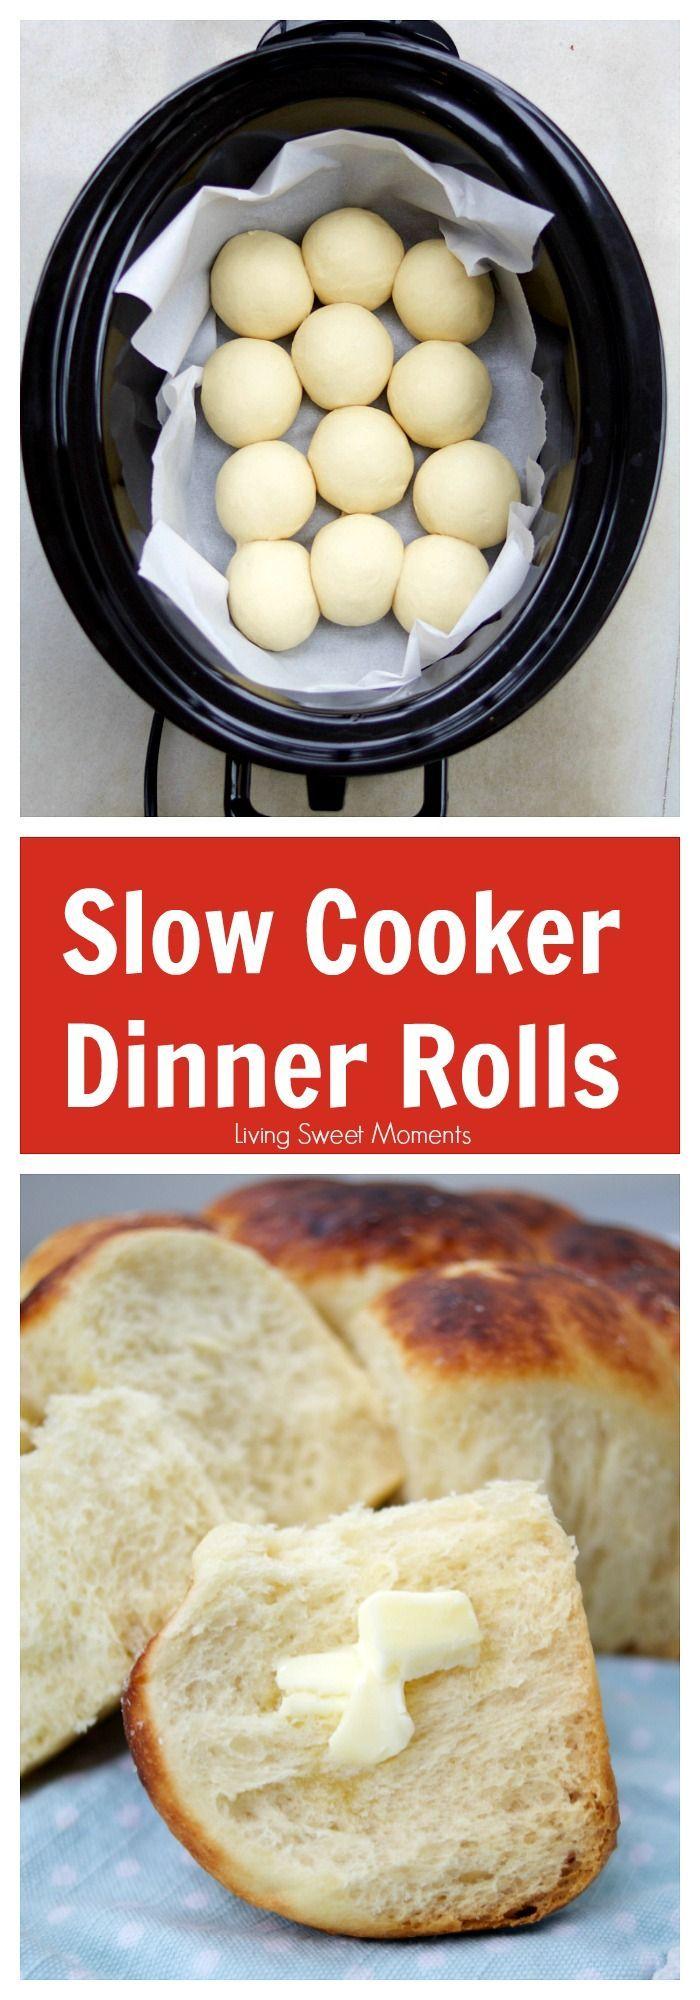 Photo of Easy Slow Cooker Dinner Rolls